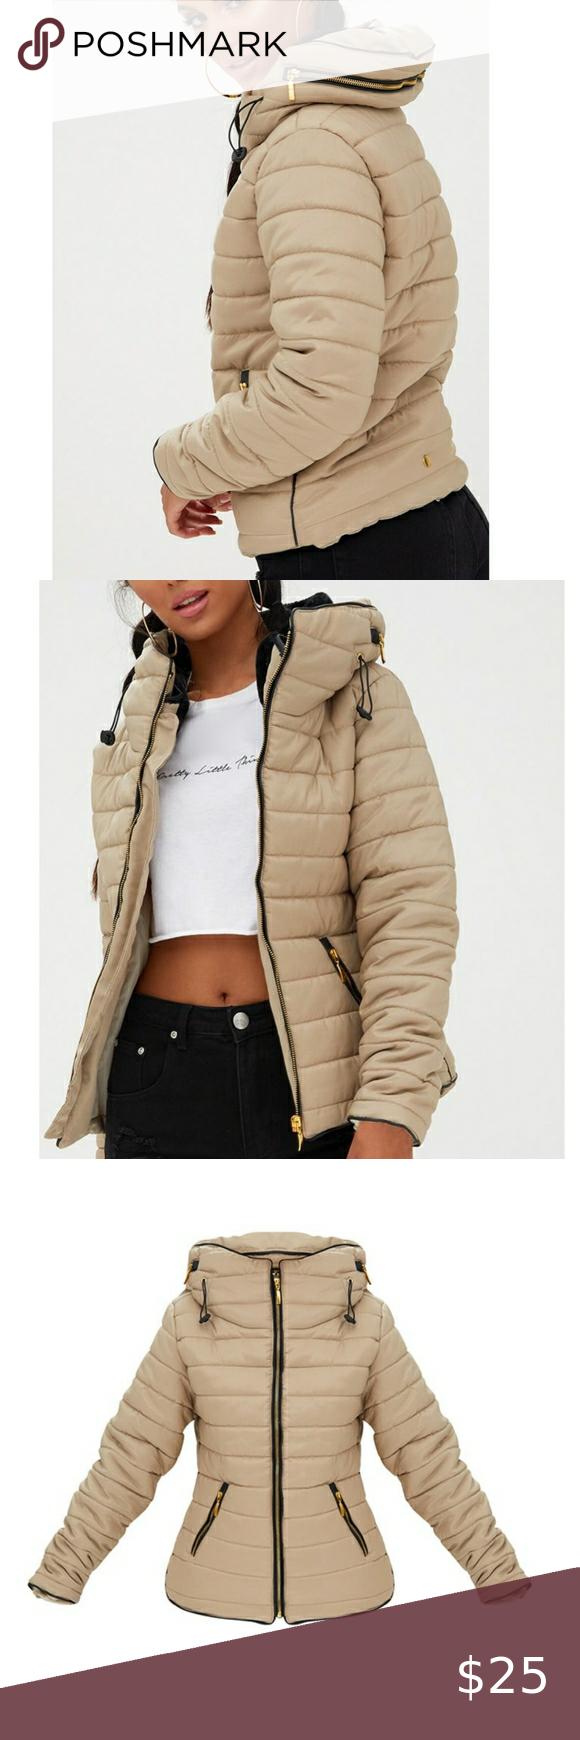 Puffer Jacket Jackets Puffer Jackets Clothes Design [ 1740 x 580 Pixel ]